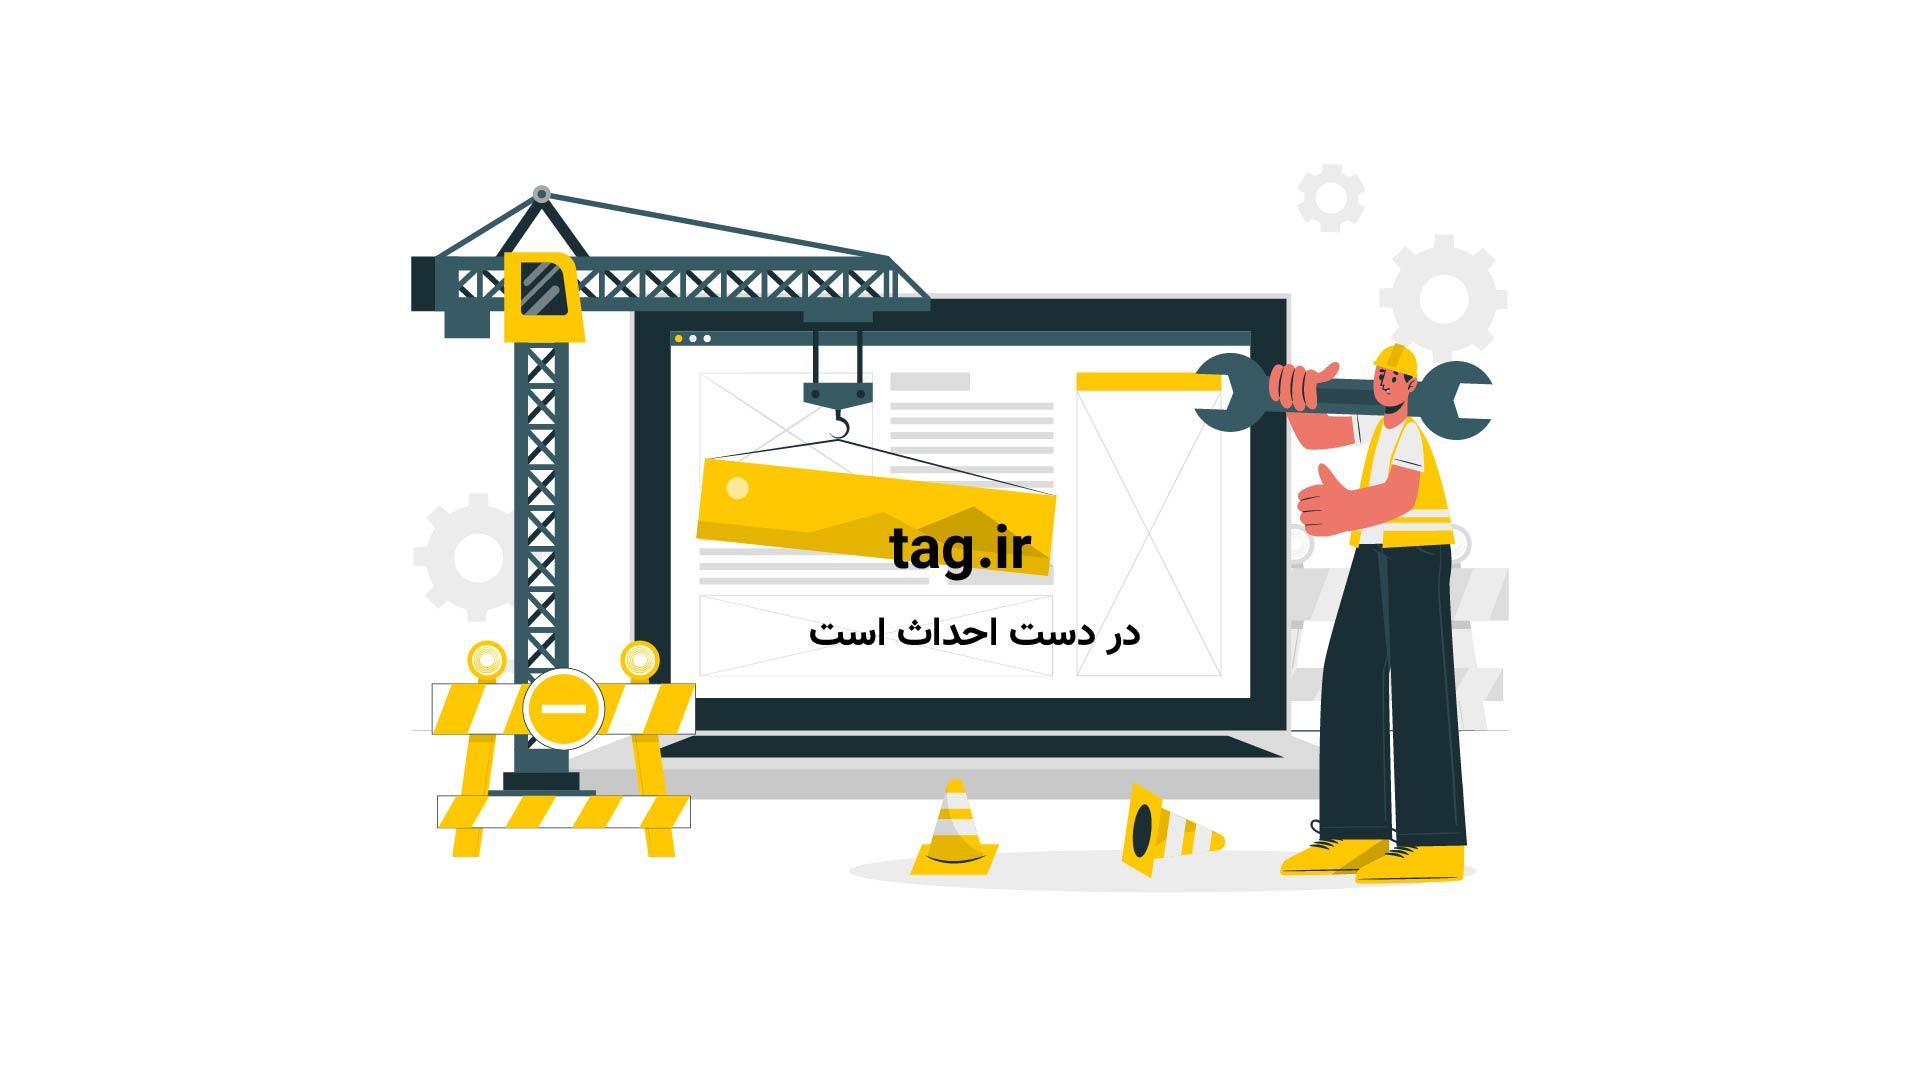 تکه پاره شدن ماهی اسکار توسط ماهیهای گوشتخوار پیرانا | فیلم